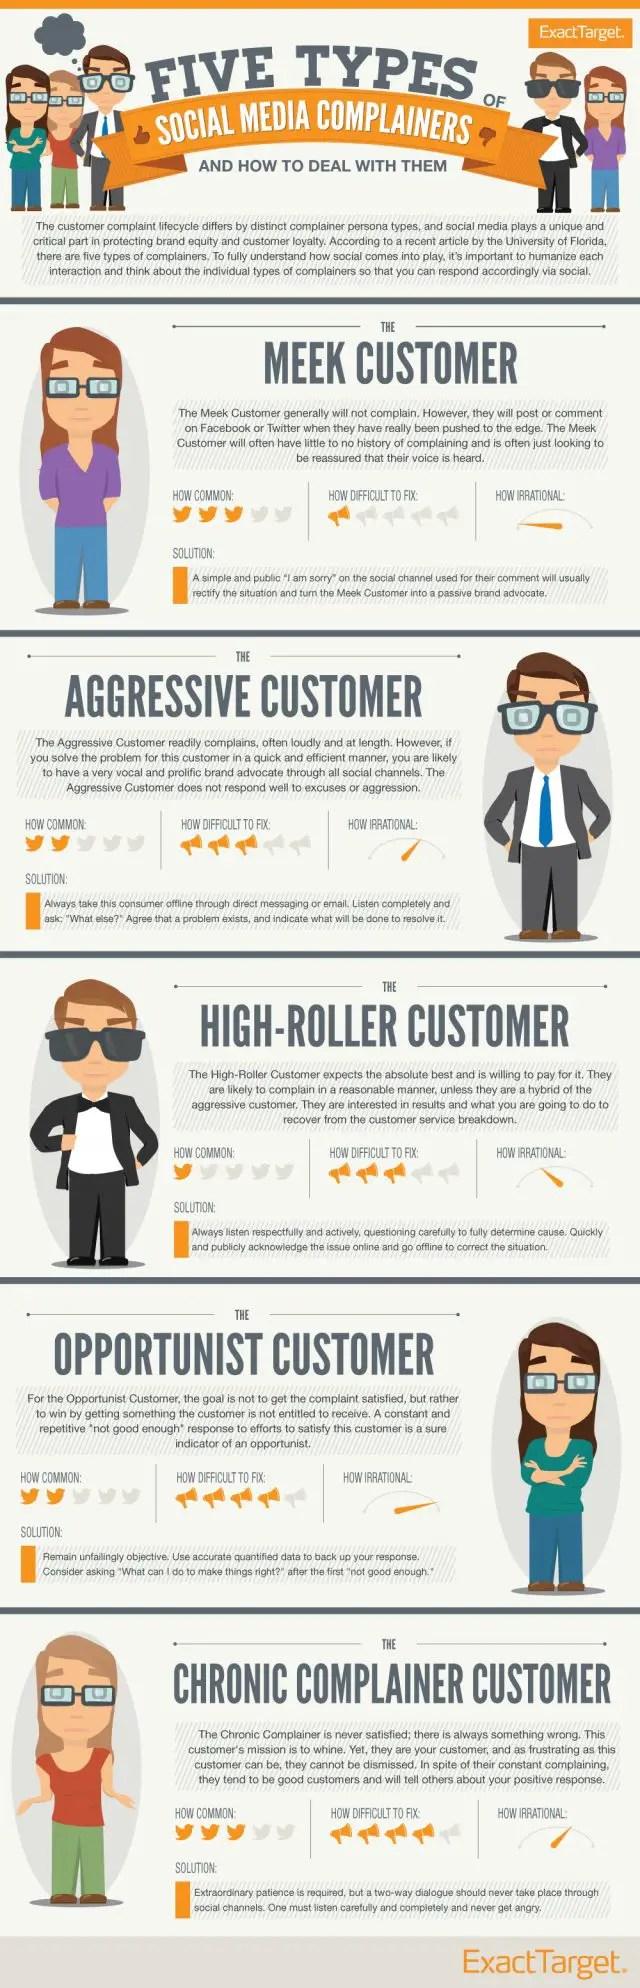 Infographic on WeRSM